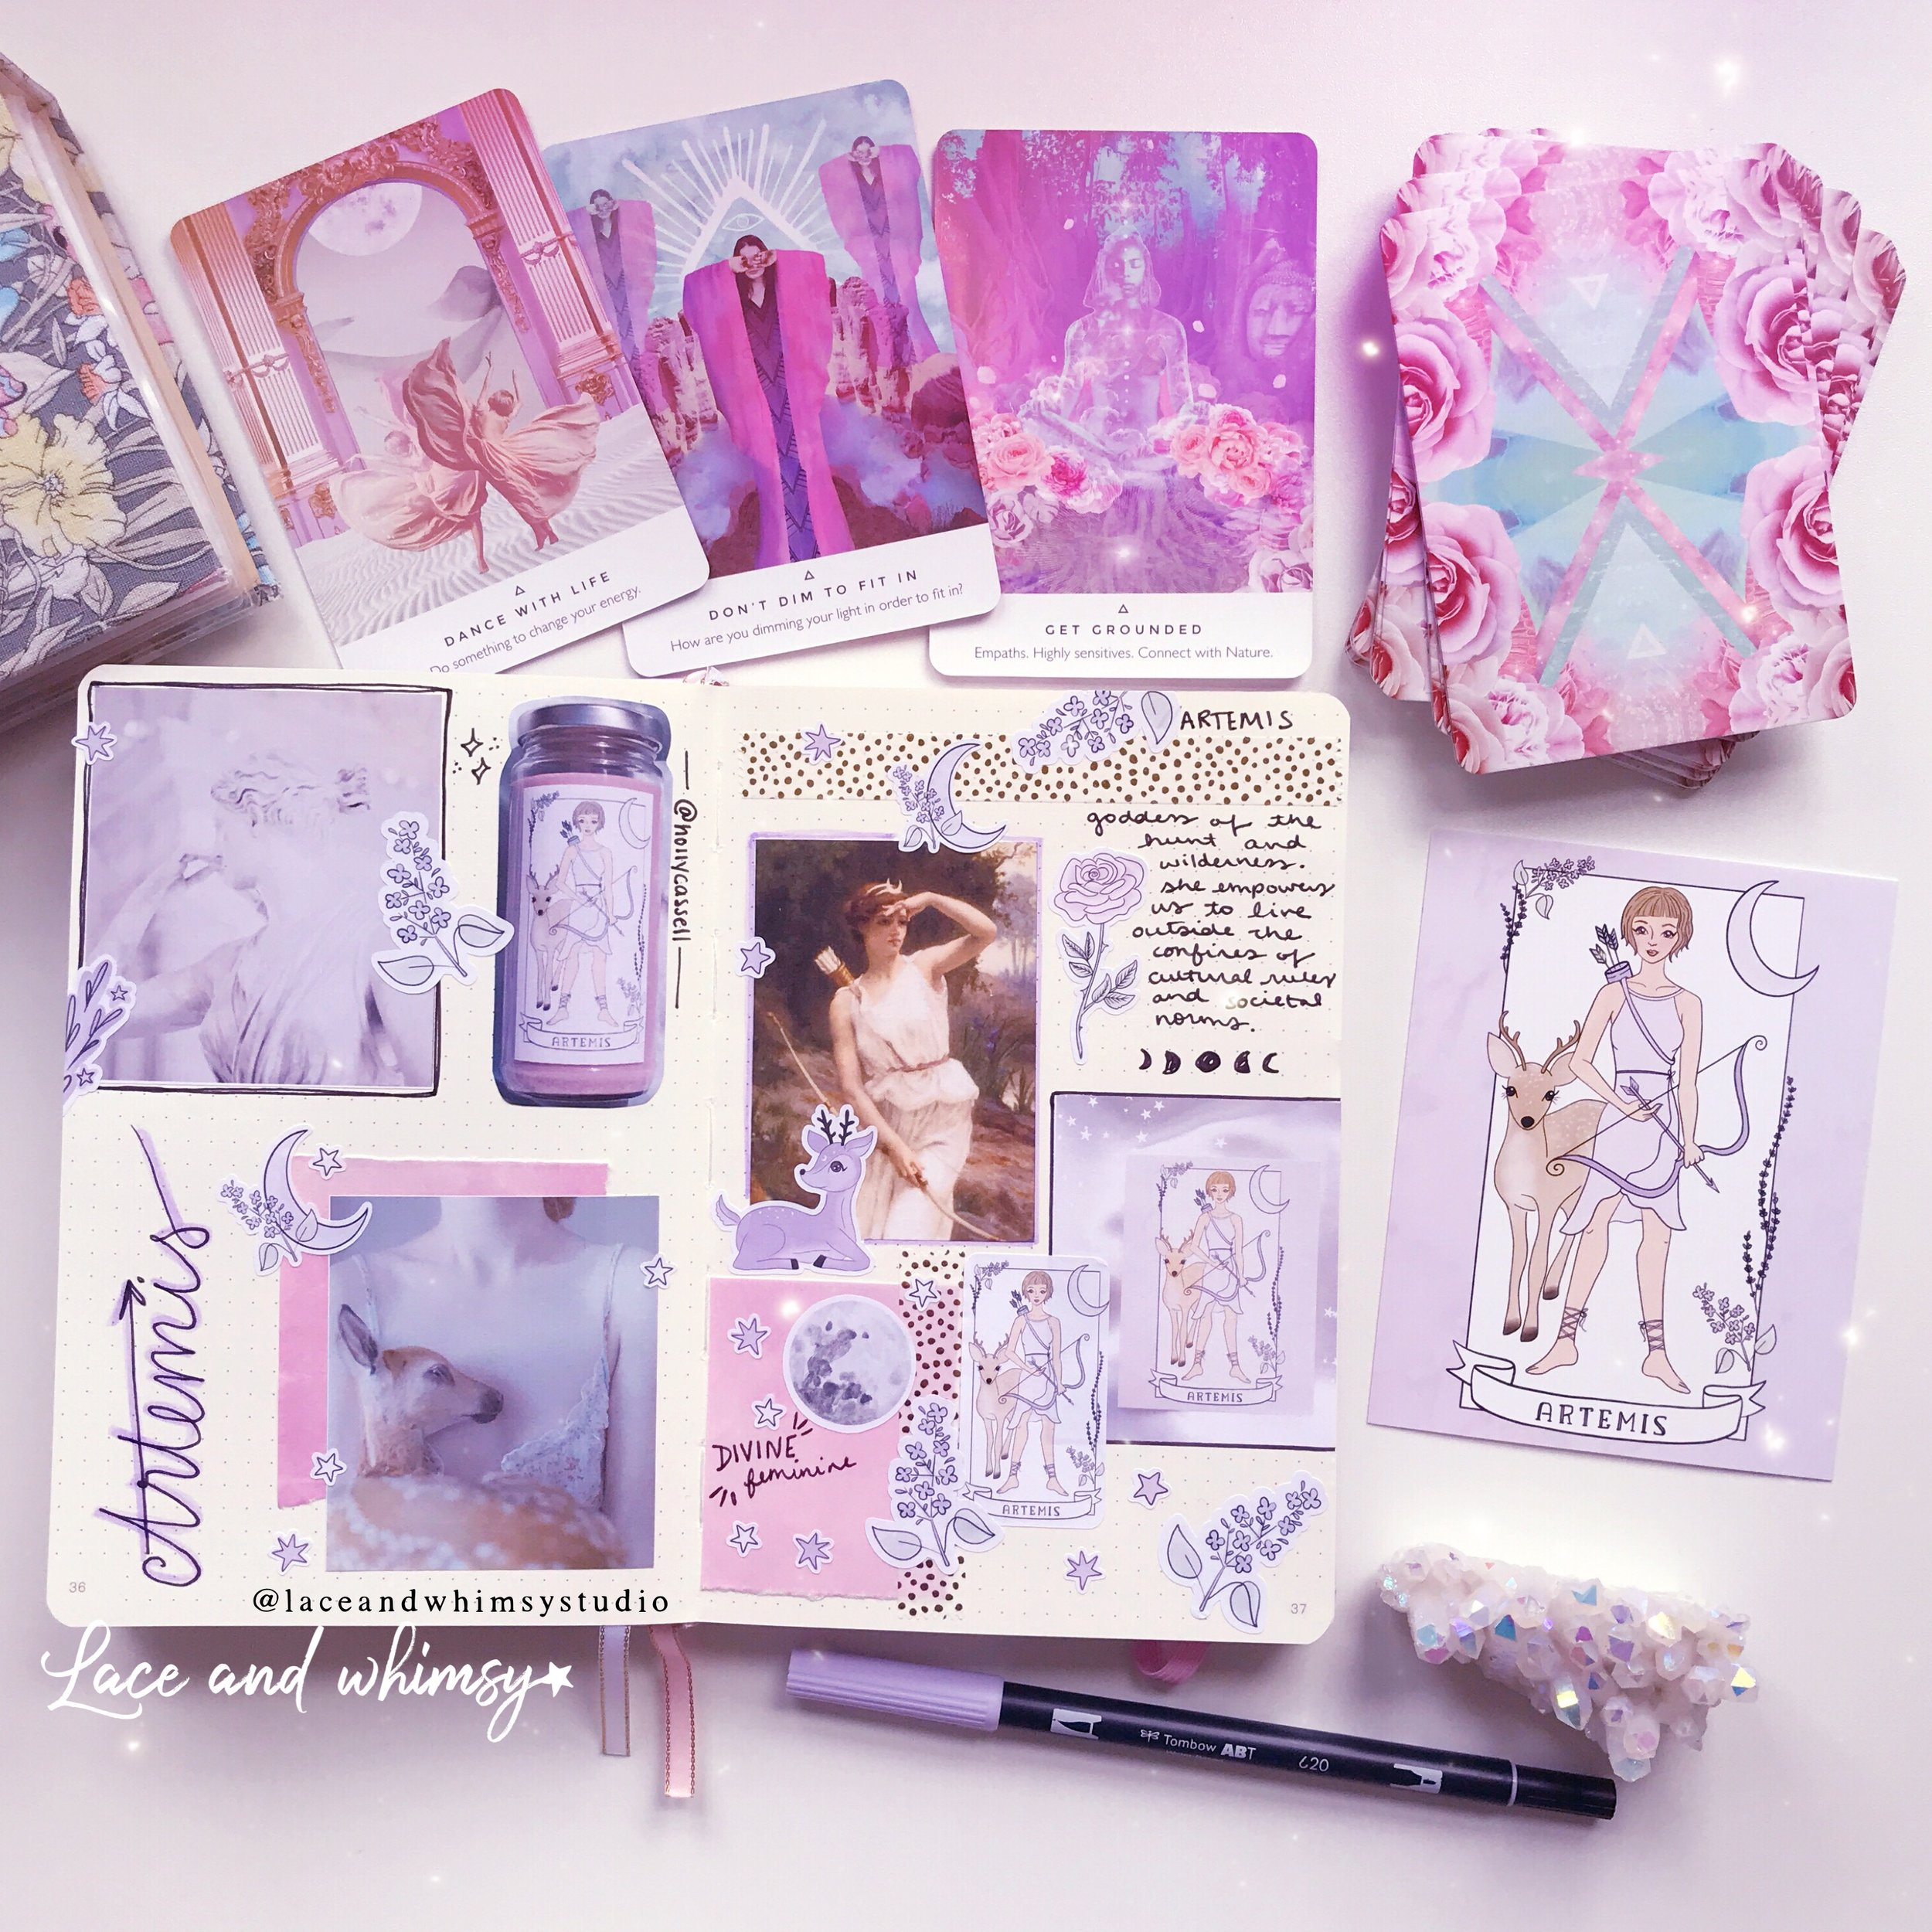 Artemis-bullet-journal-moodboard-laceandwhimsystudio.JPG